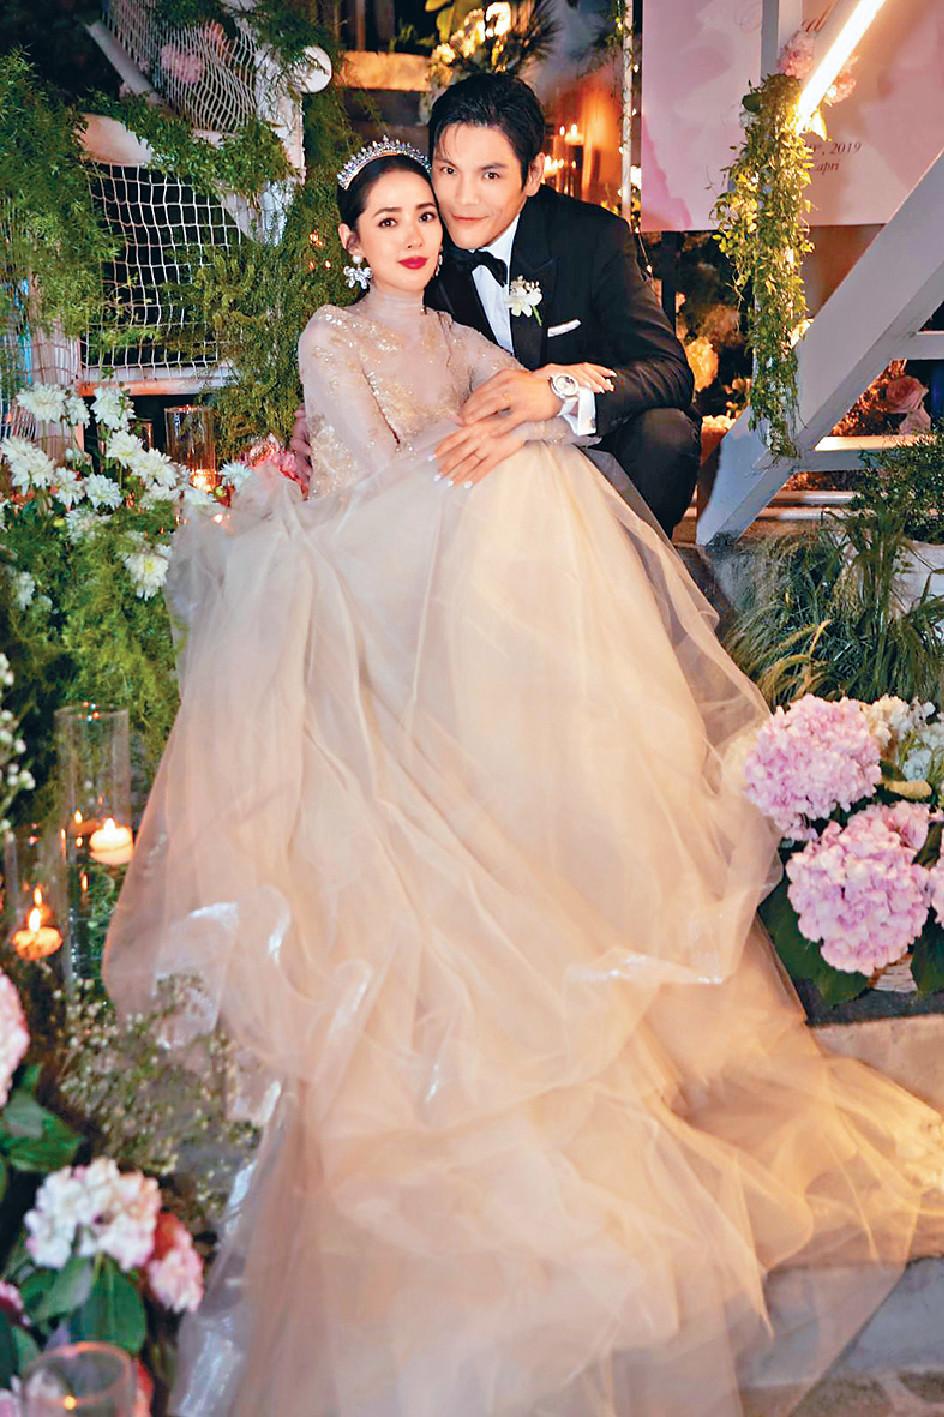 意國婚禮 ■向佐和台灣女星女友郭碧婷早前在意大利舉行婚禮。